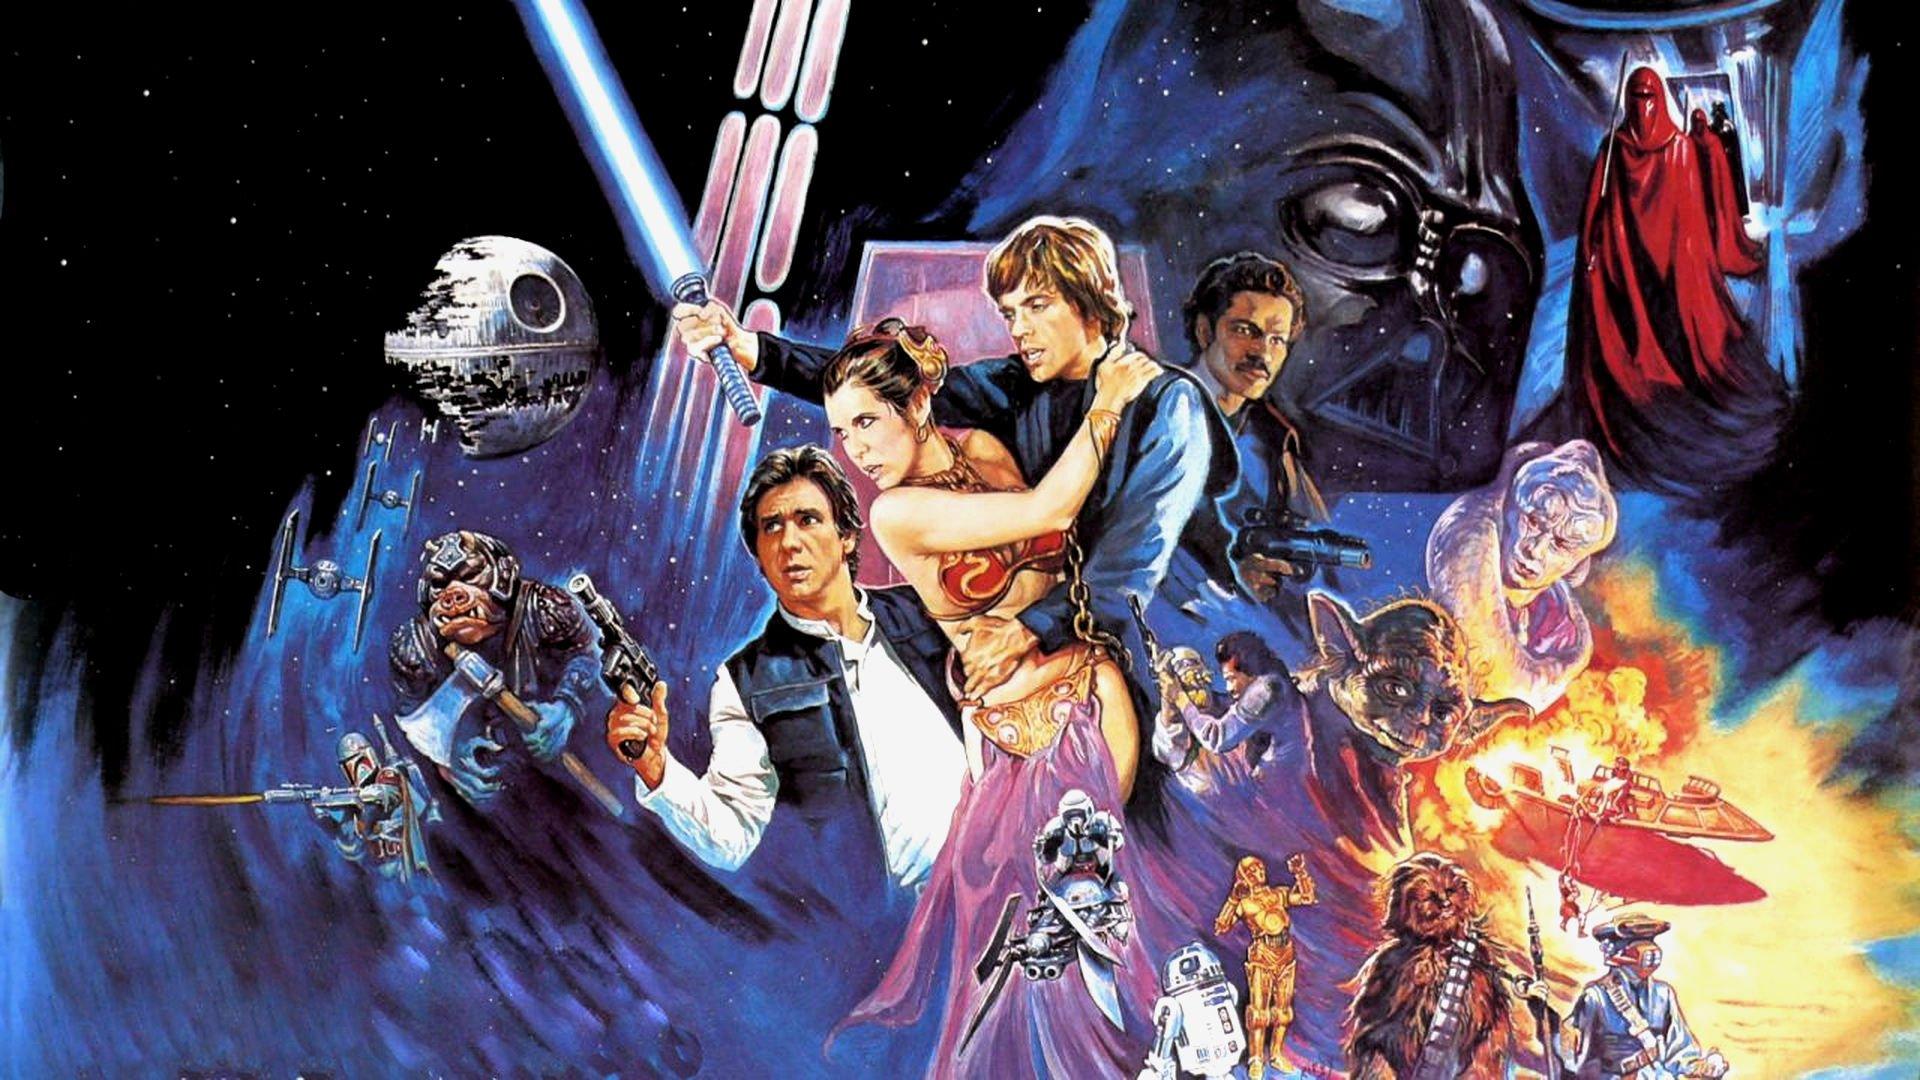 Star Wars Return Jedi Sci Fi Futuristic Movie Film 27 Wallpaper